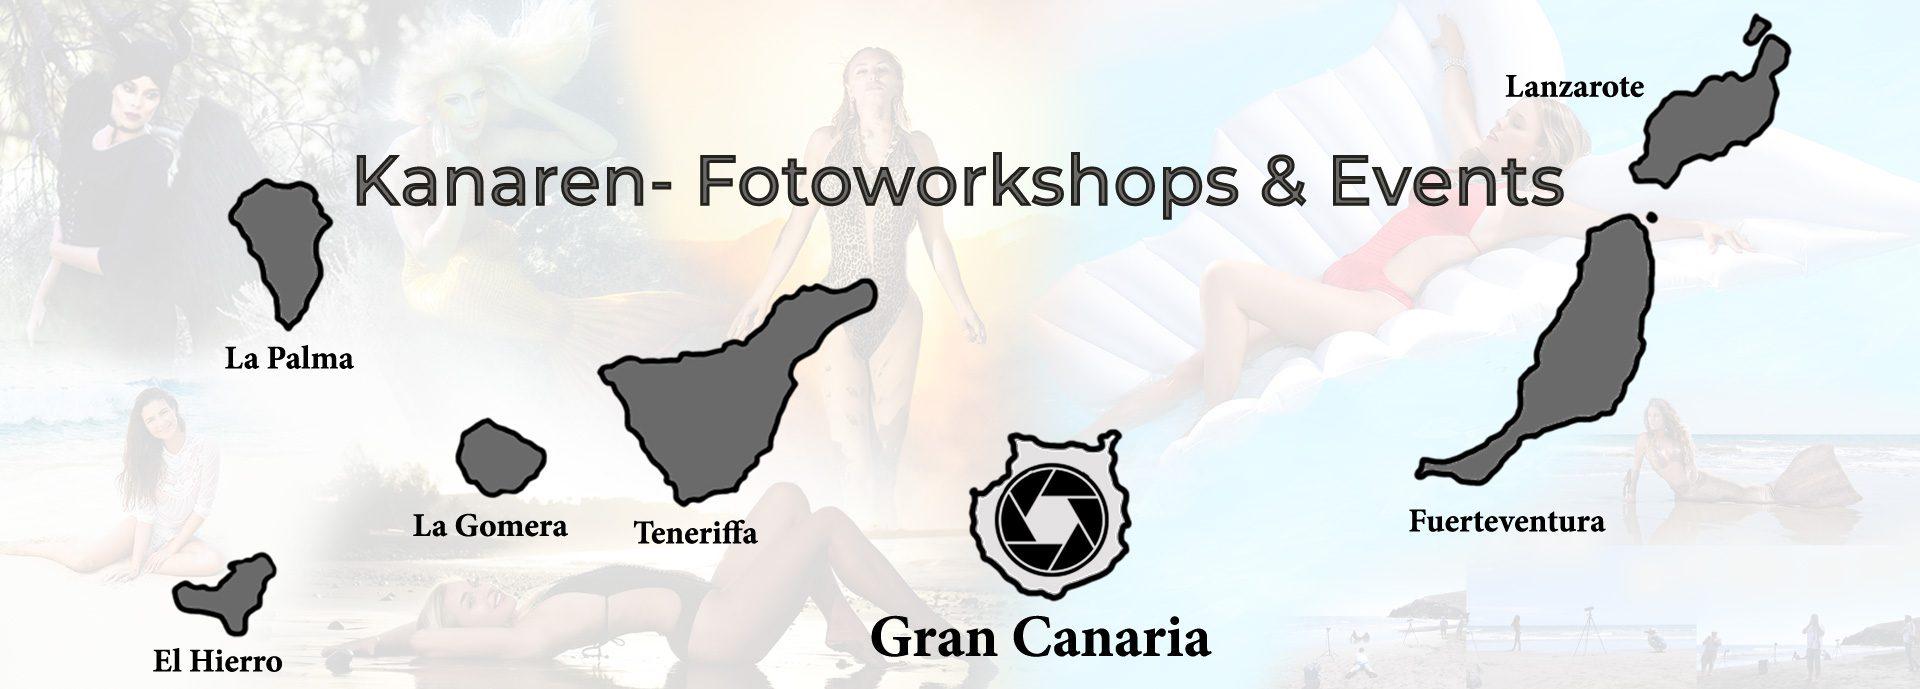 Fotoevents und Workshops auf den Kanaren